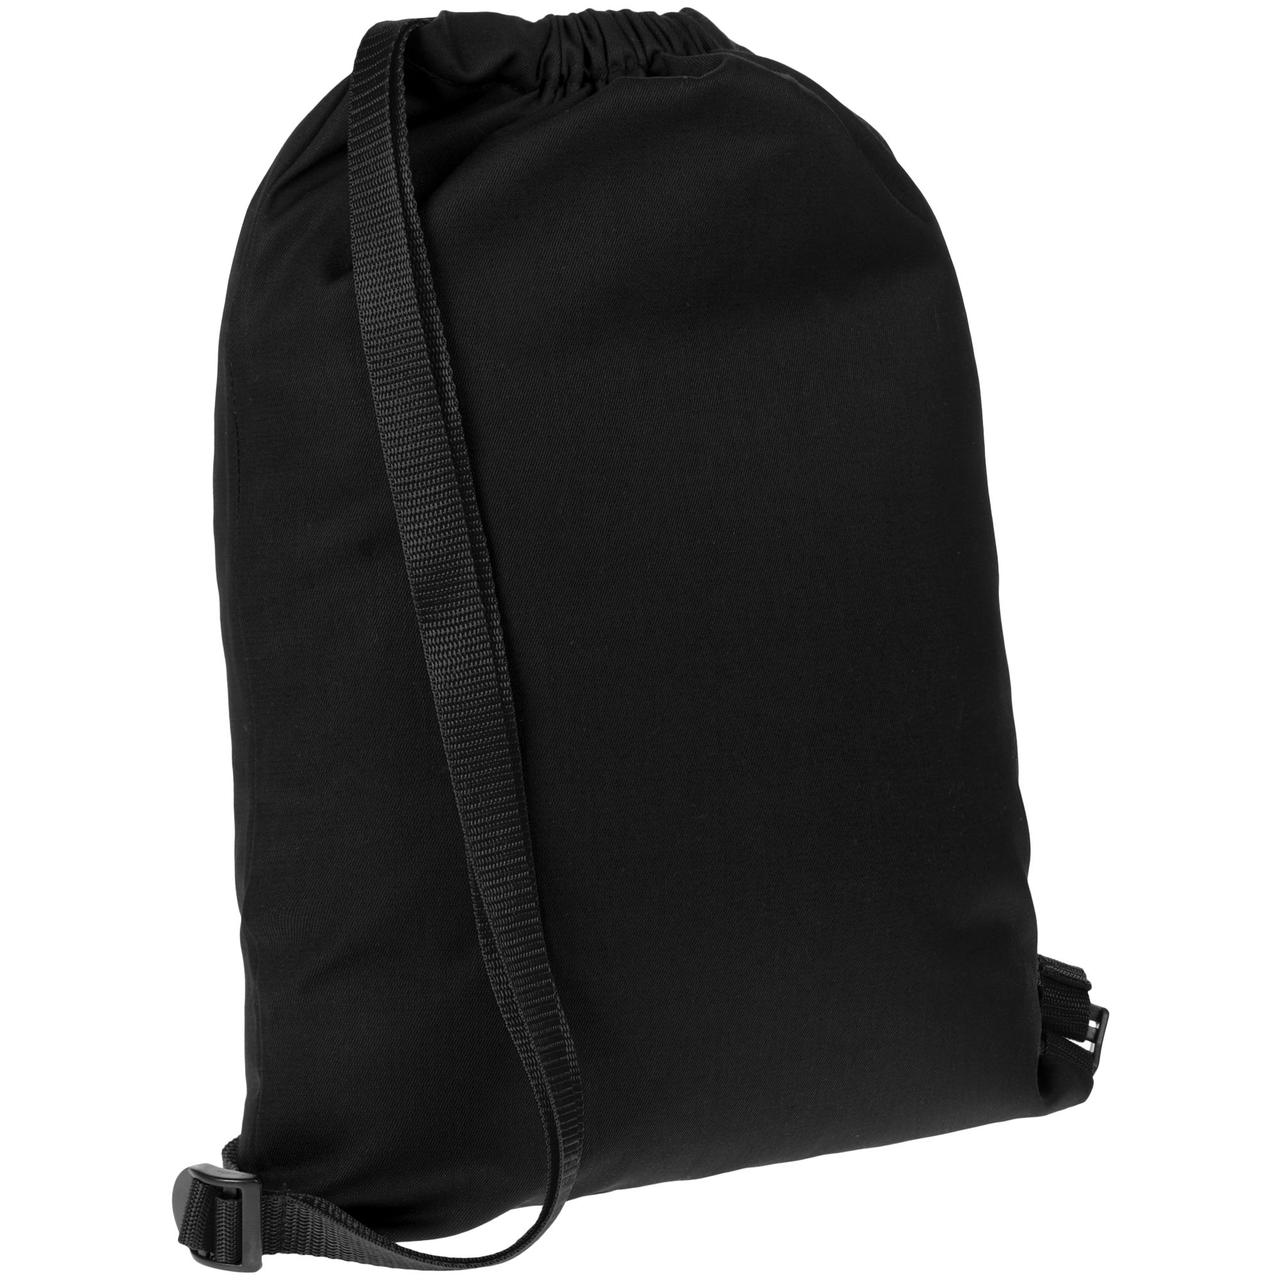 Рюкзак Nock, черный с черной стропой (артикул 12199.33)